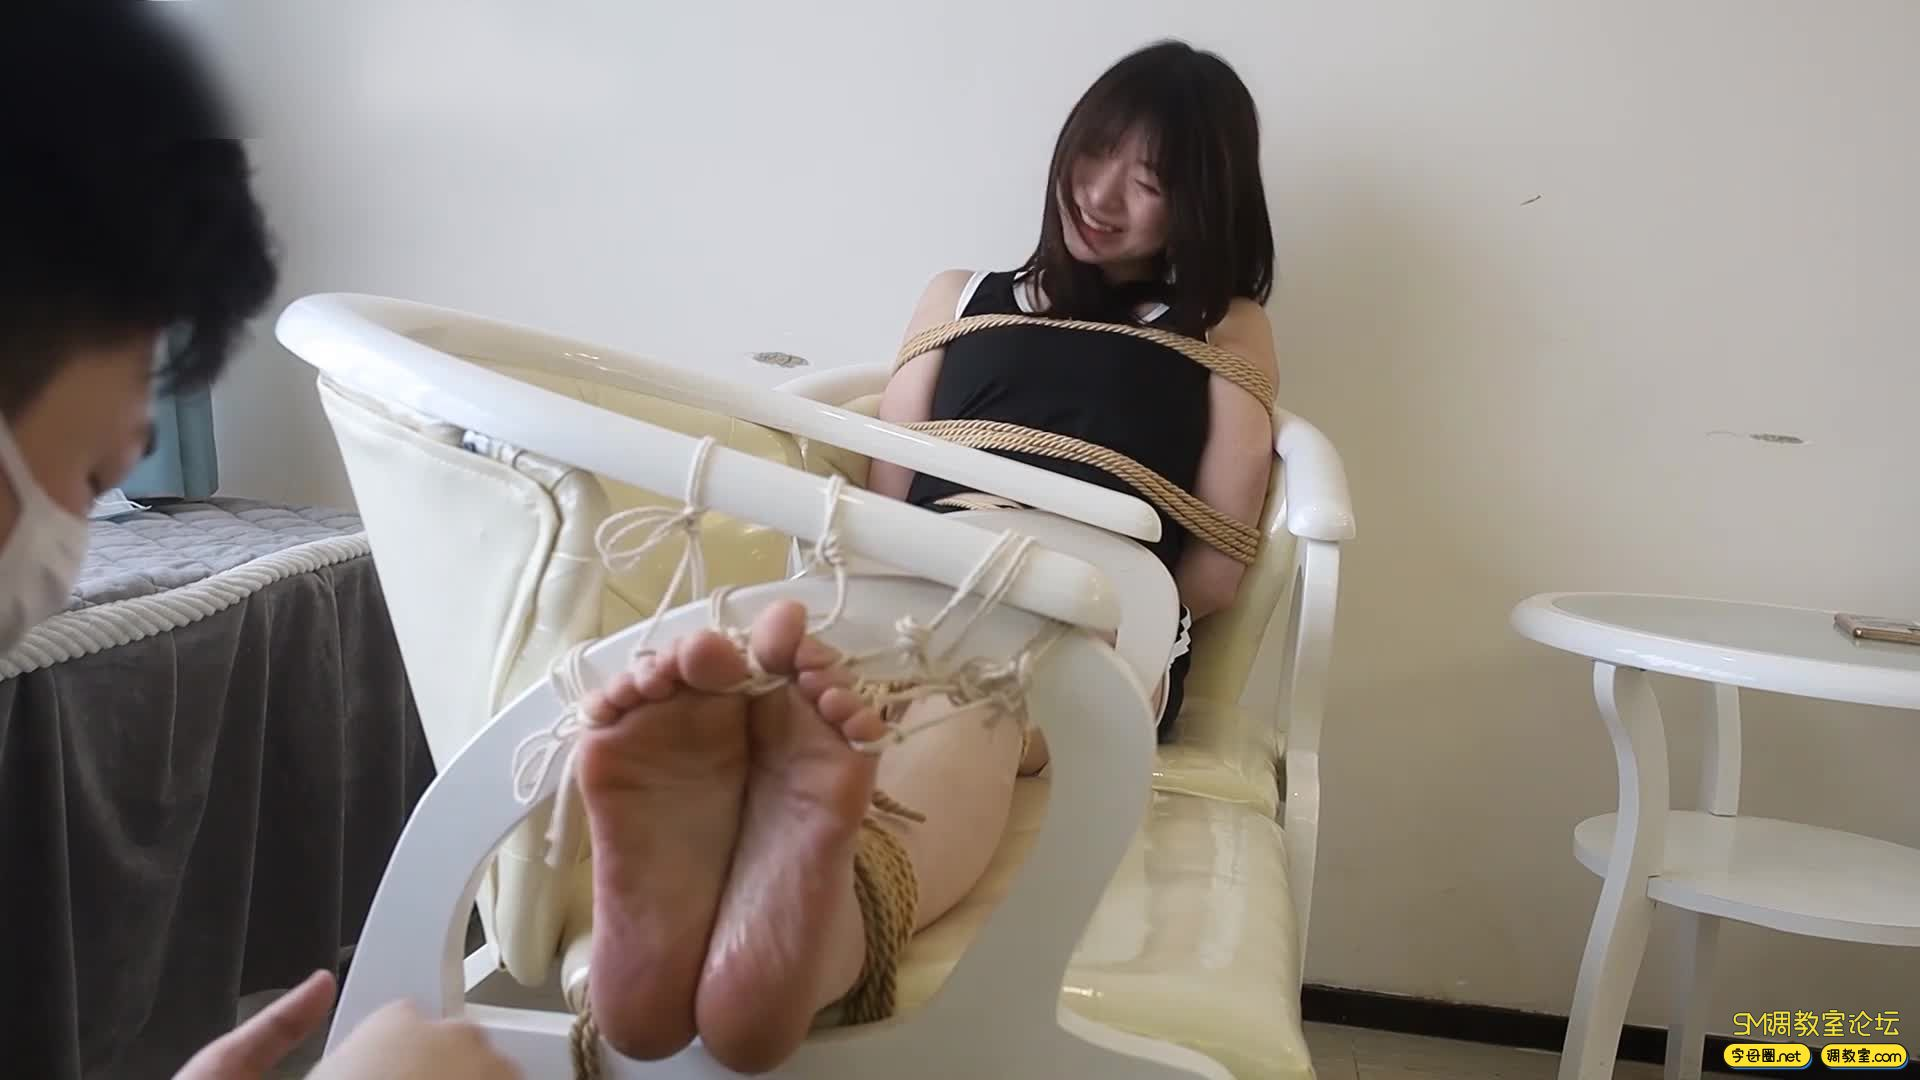 心悦艺束_筱筱的老虎凳TK,十个脚趾都紧紧被绑缚-视频截图6